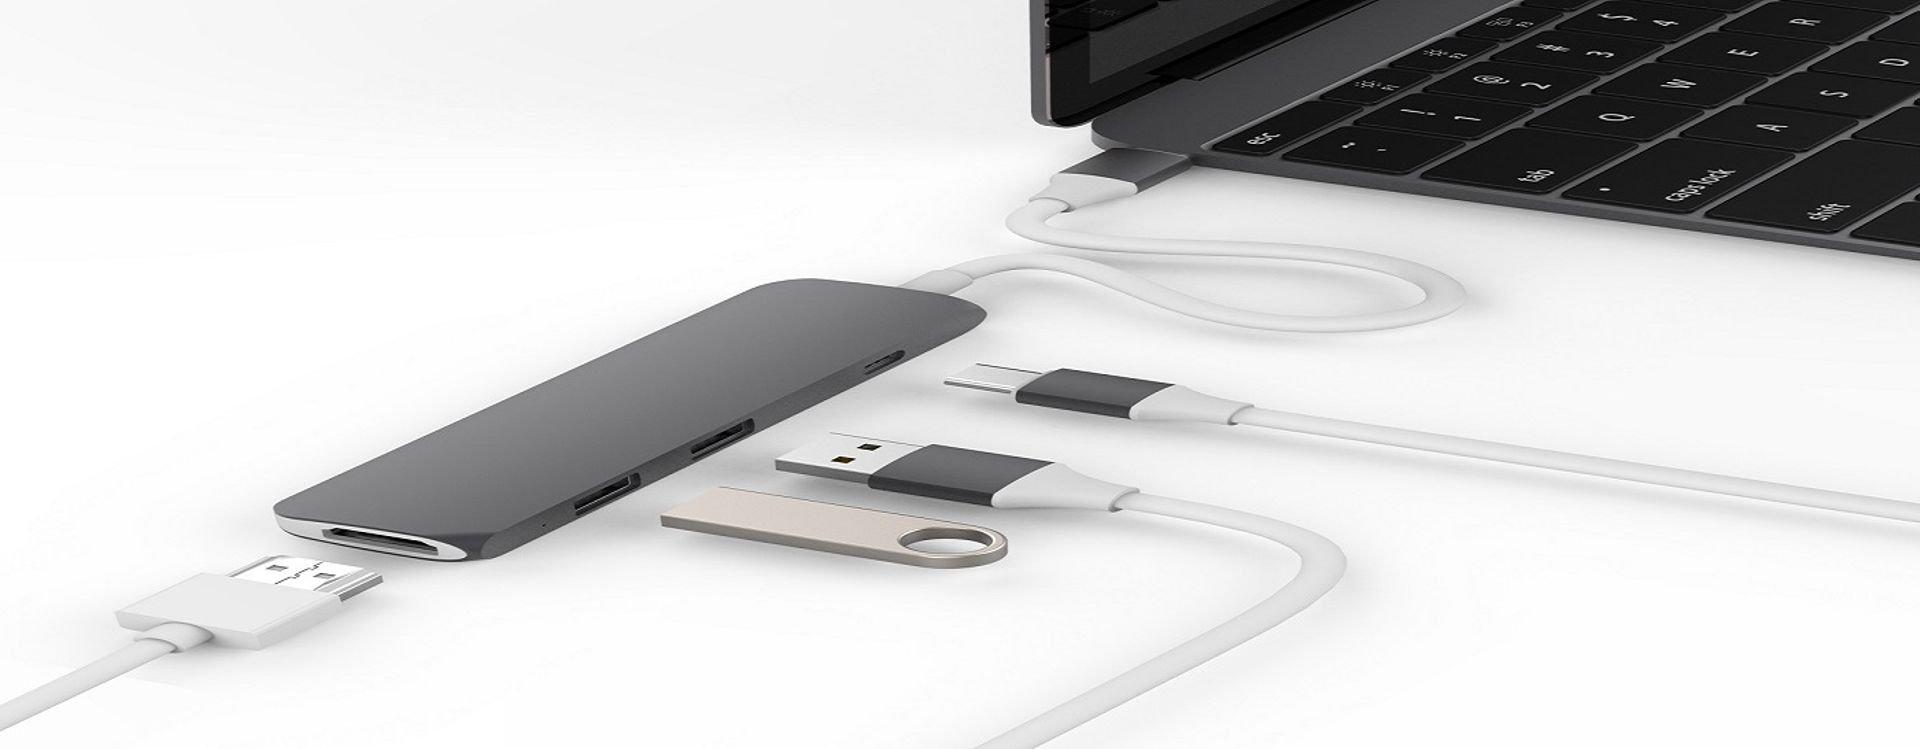 بعد أن كانت الهواتف سابقا تحوي منفذا خاصاً للشحن ومنفذ آخر من نوع USB يستخدم لنقل البيانات  ولكن الشركات دمجتهم